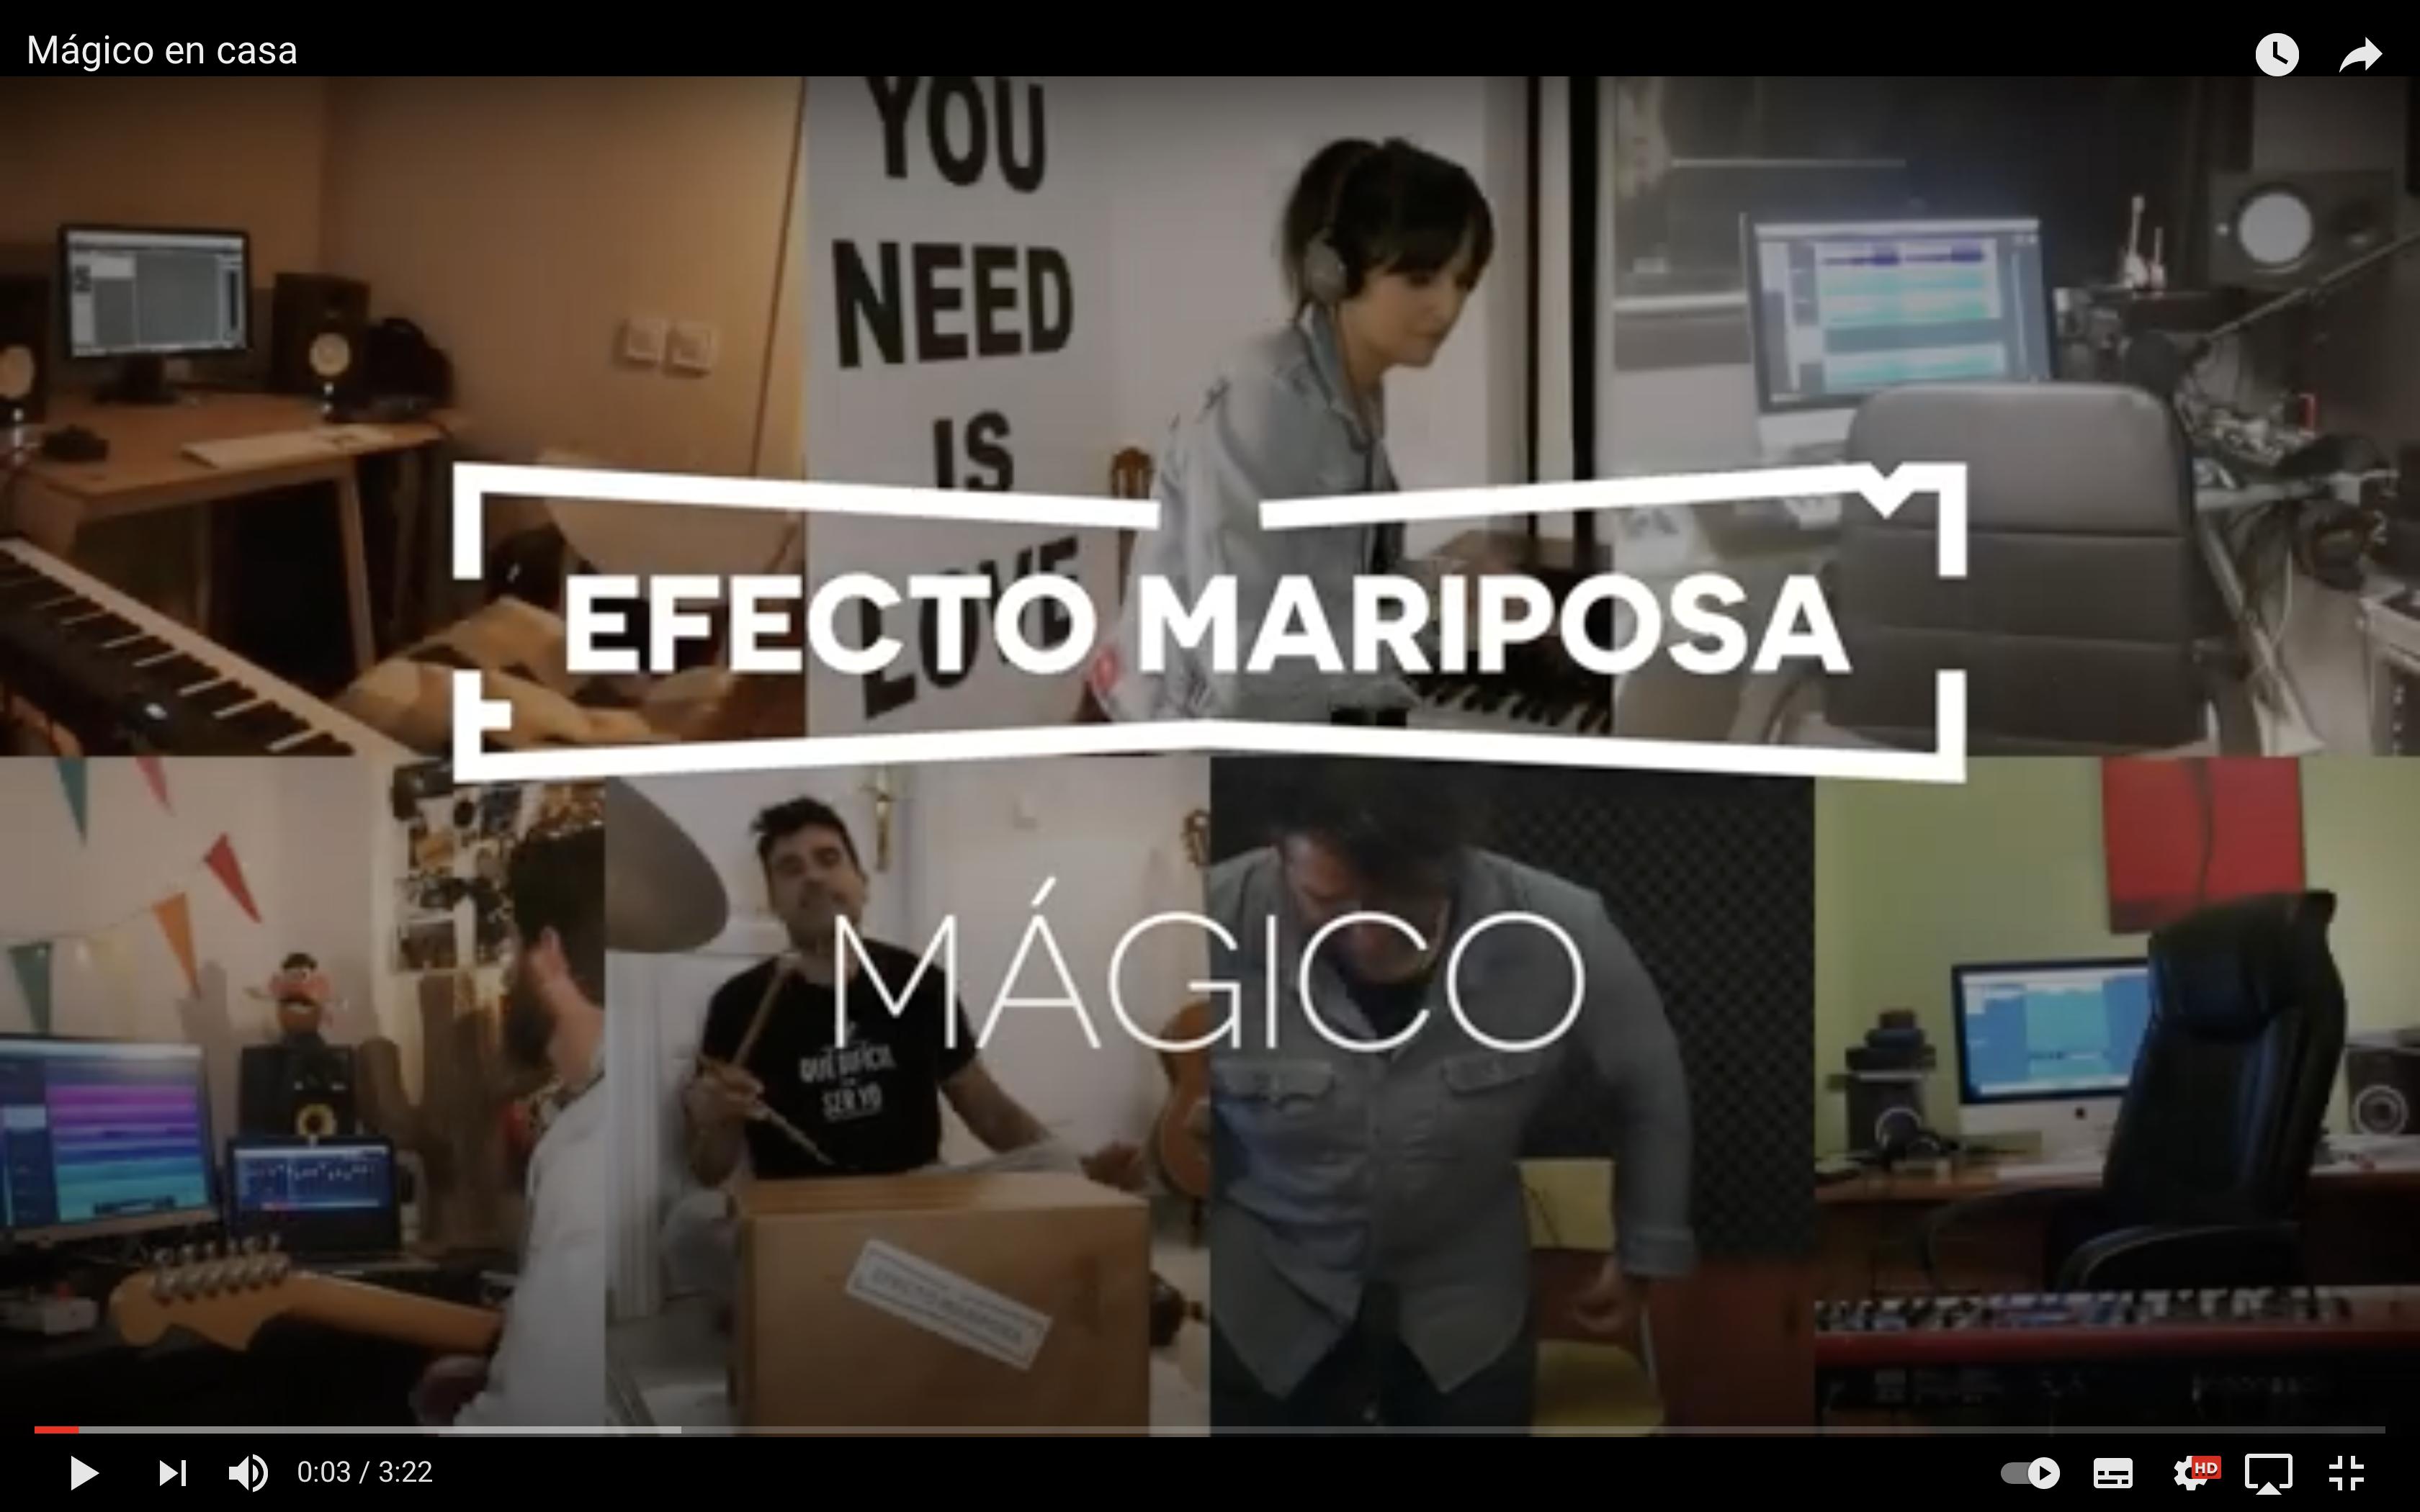 Mágico en casa - Efecto Mariposa